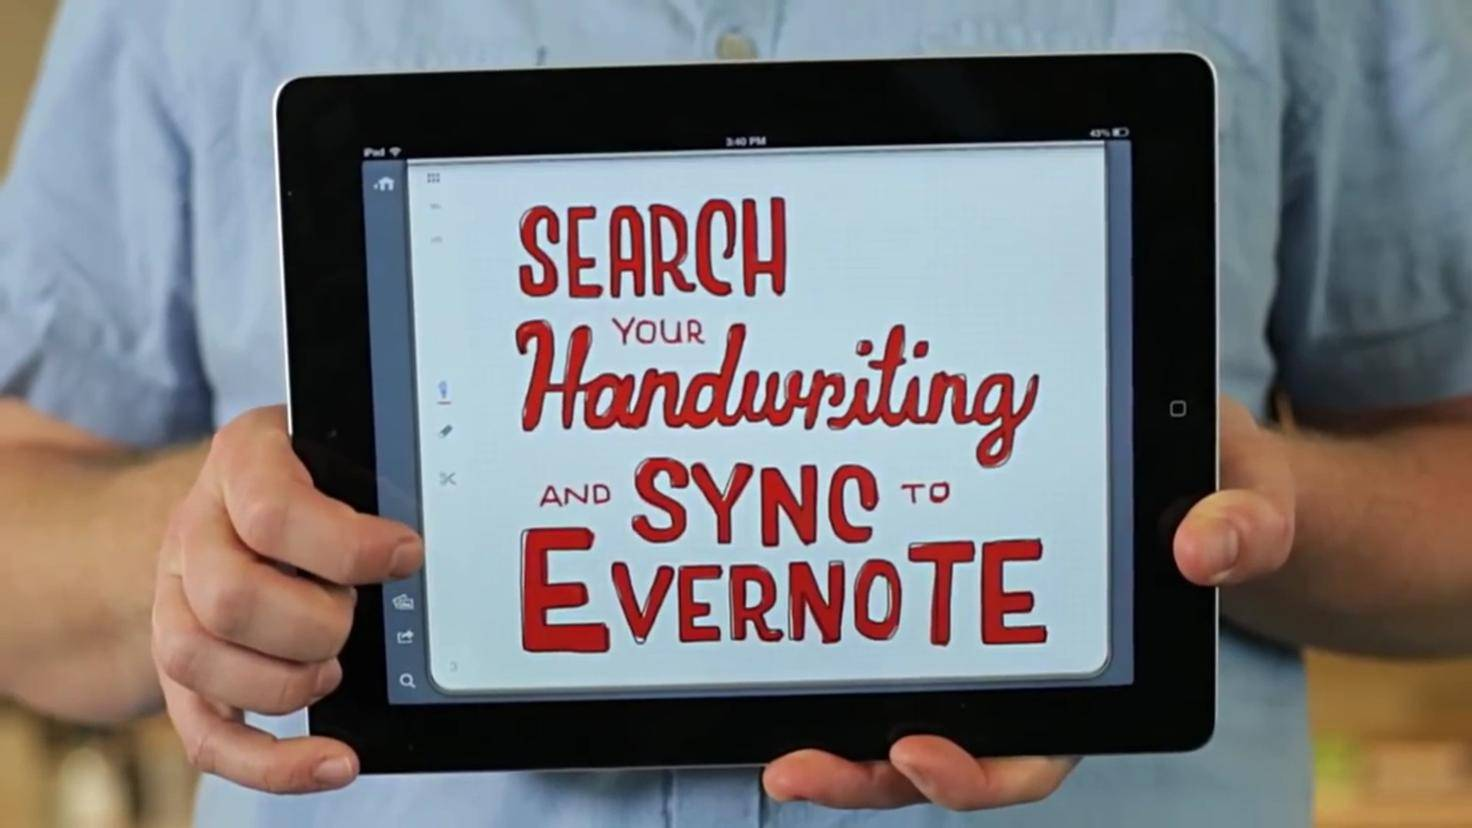 iPad Pro Penultimate